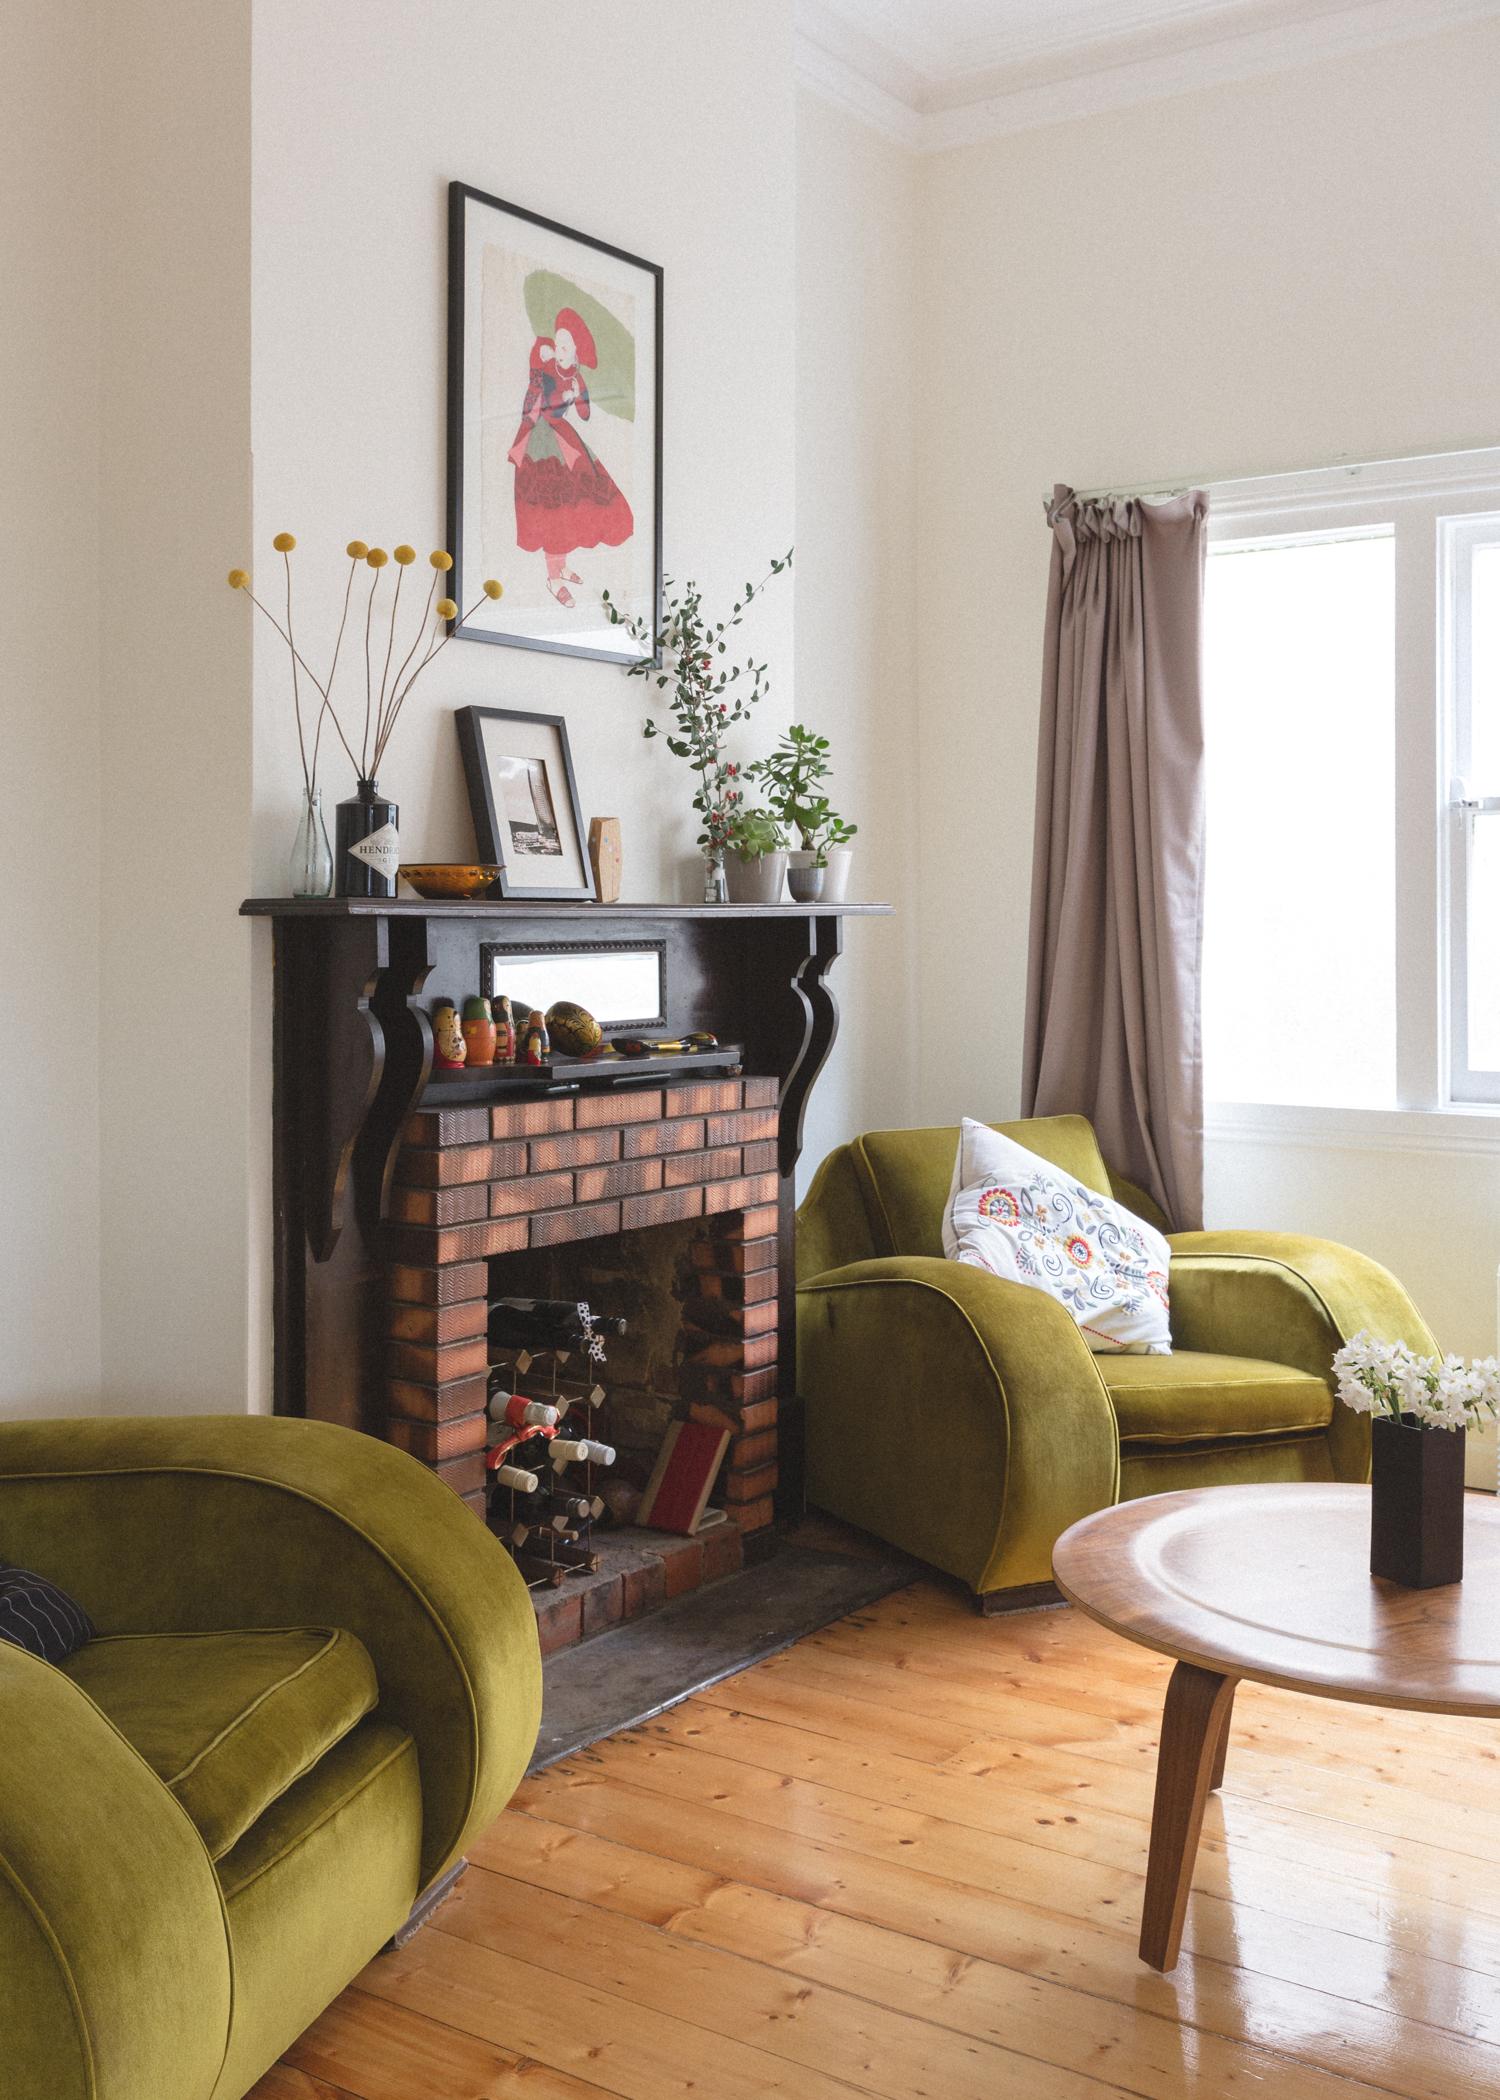 sharehome lounge room emma franka martijn